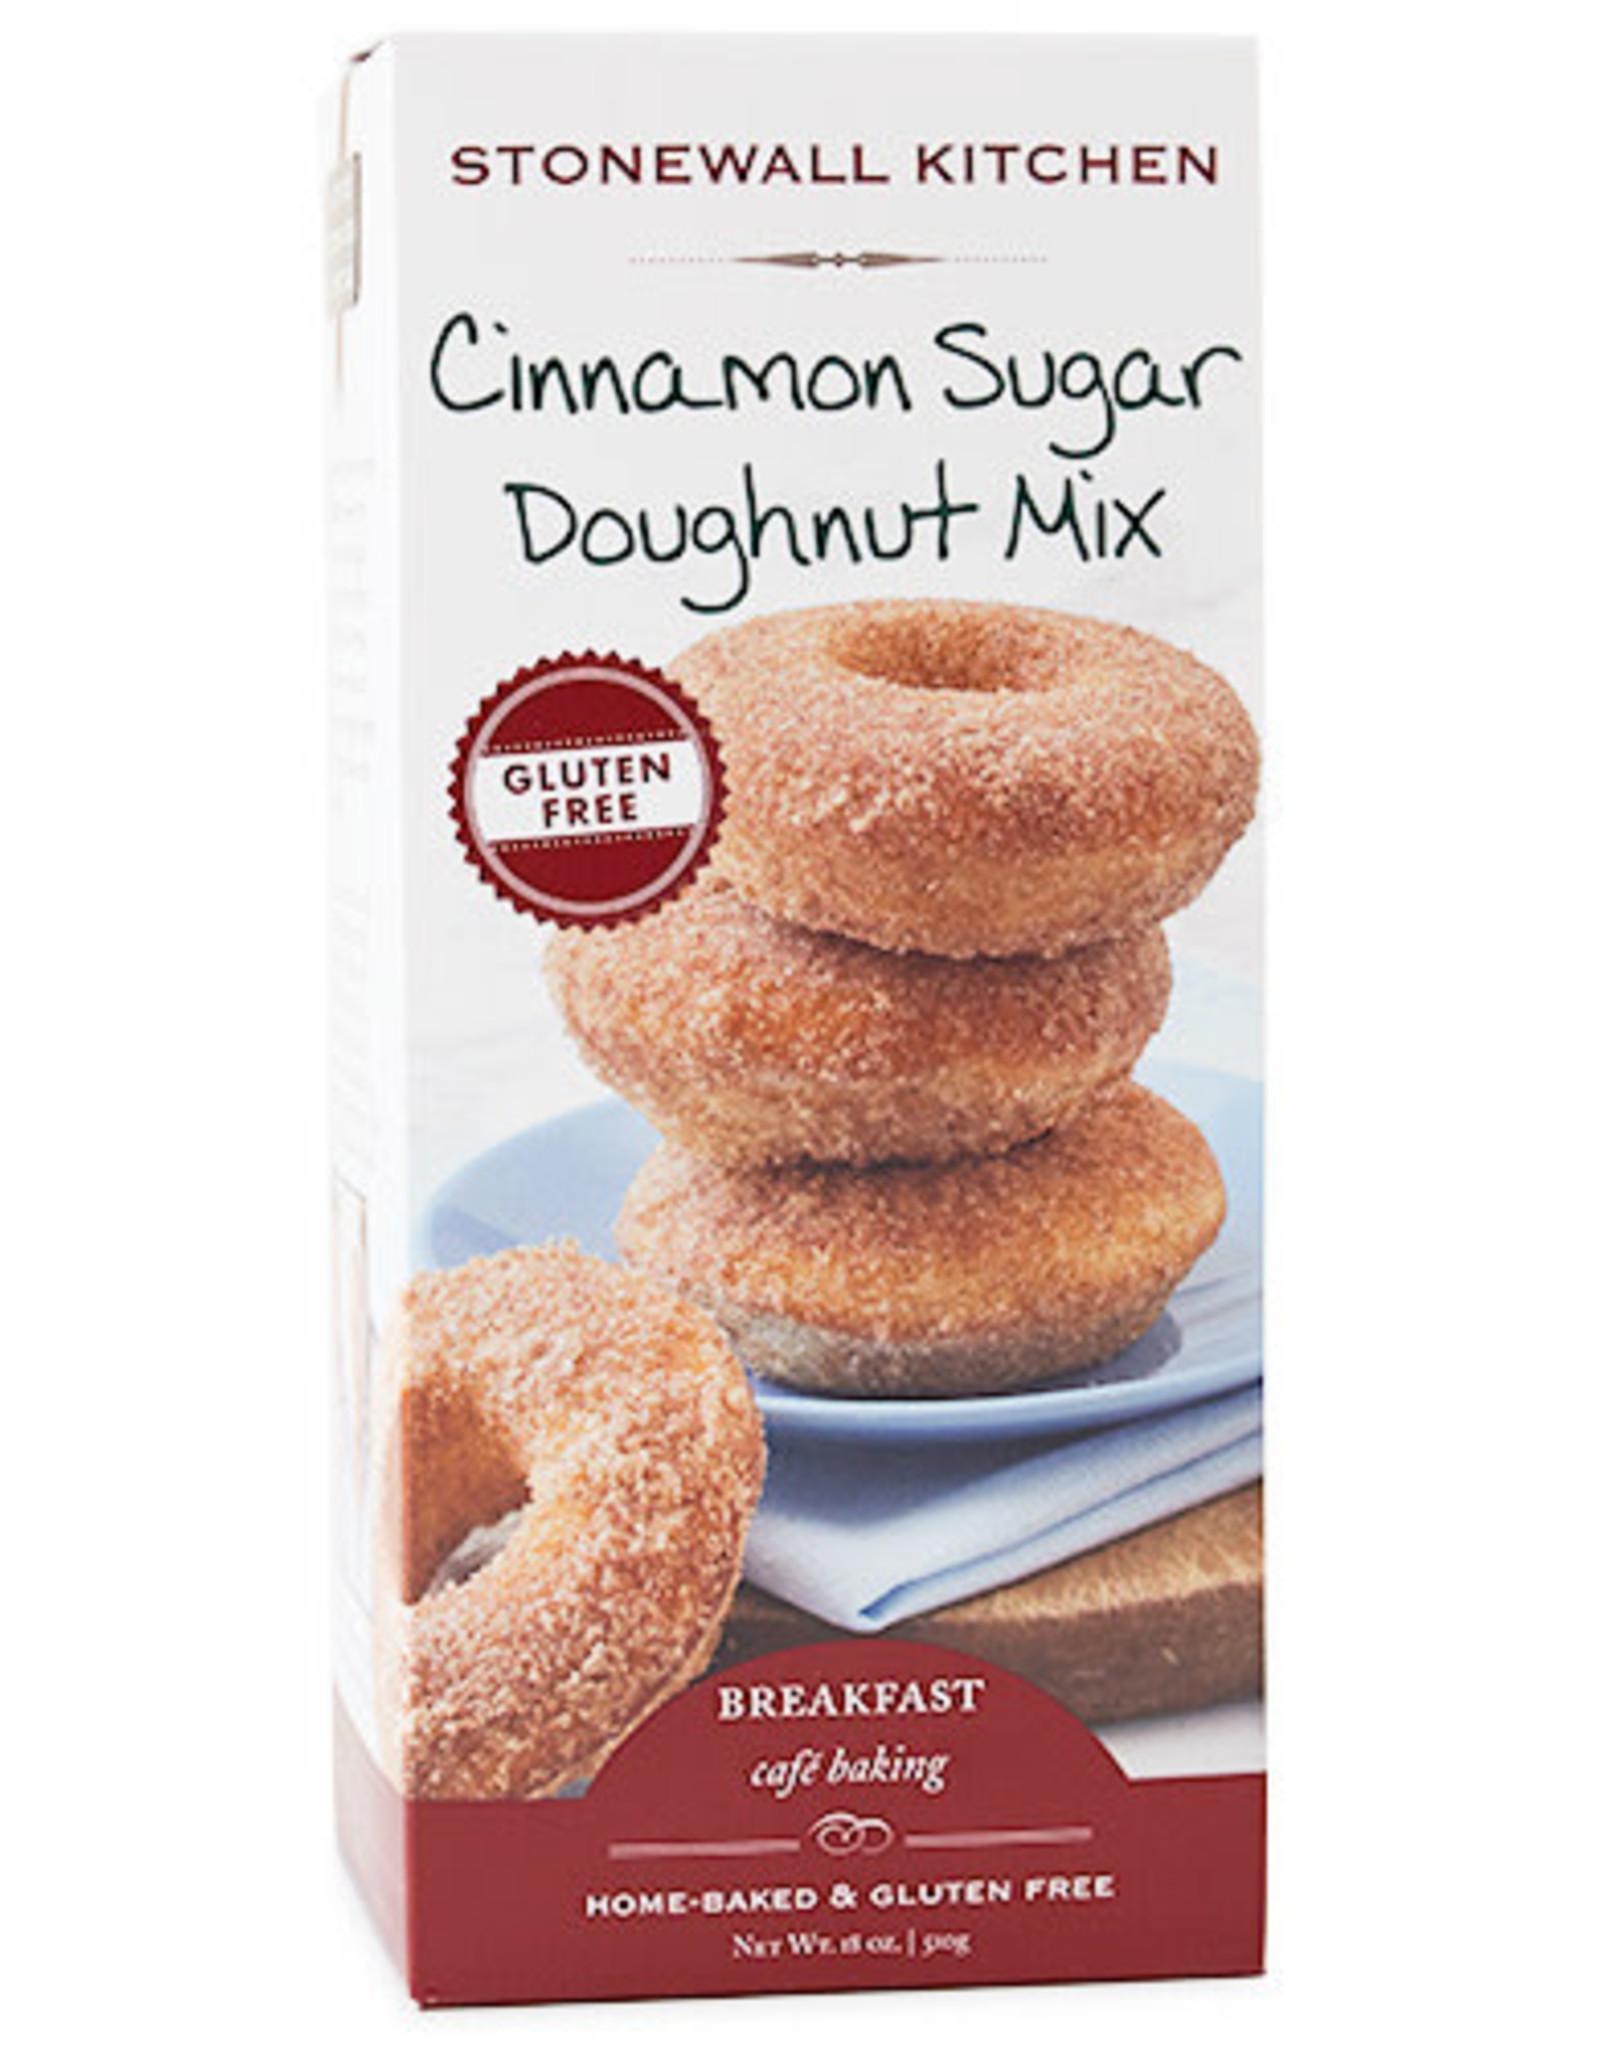 Stonewall Kitchen Gluten Free Cinnamon Sugar Doughnut Mix